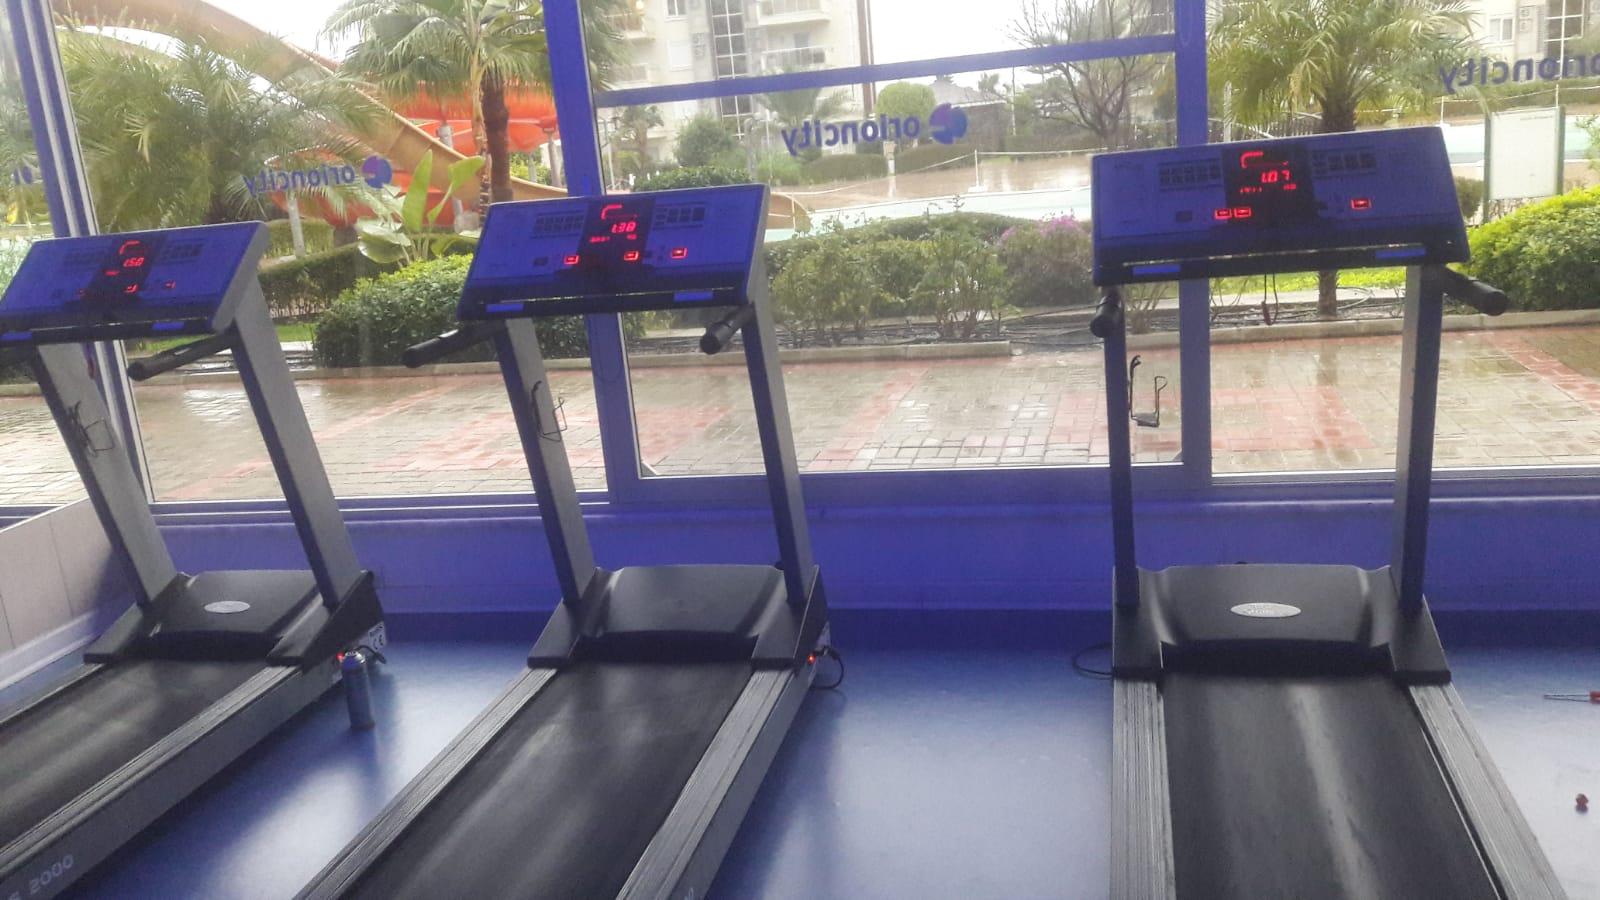 Spor salonunda tüm Spor Aletleri tamir edildi ve arızalı bir motor değiştirildi. Daha rahat bir egzersiz için duvara bir saat asıldı